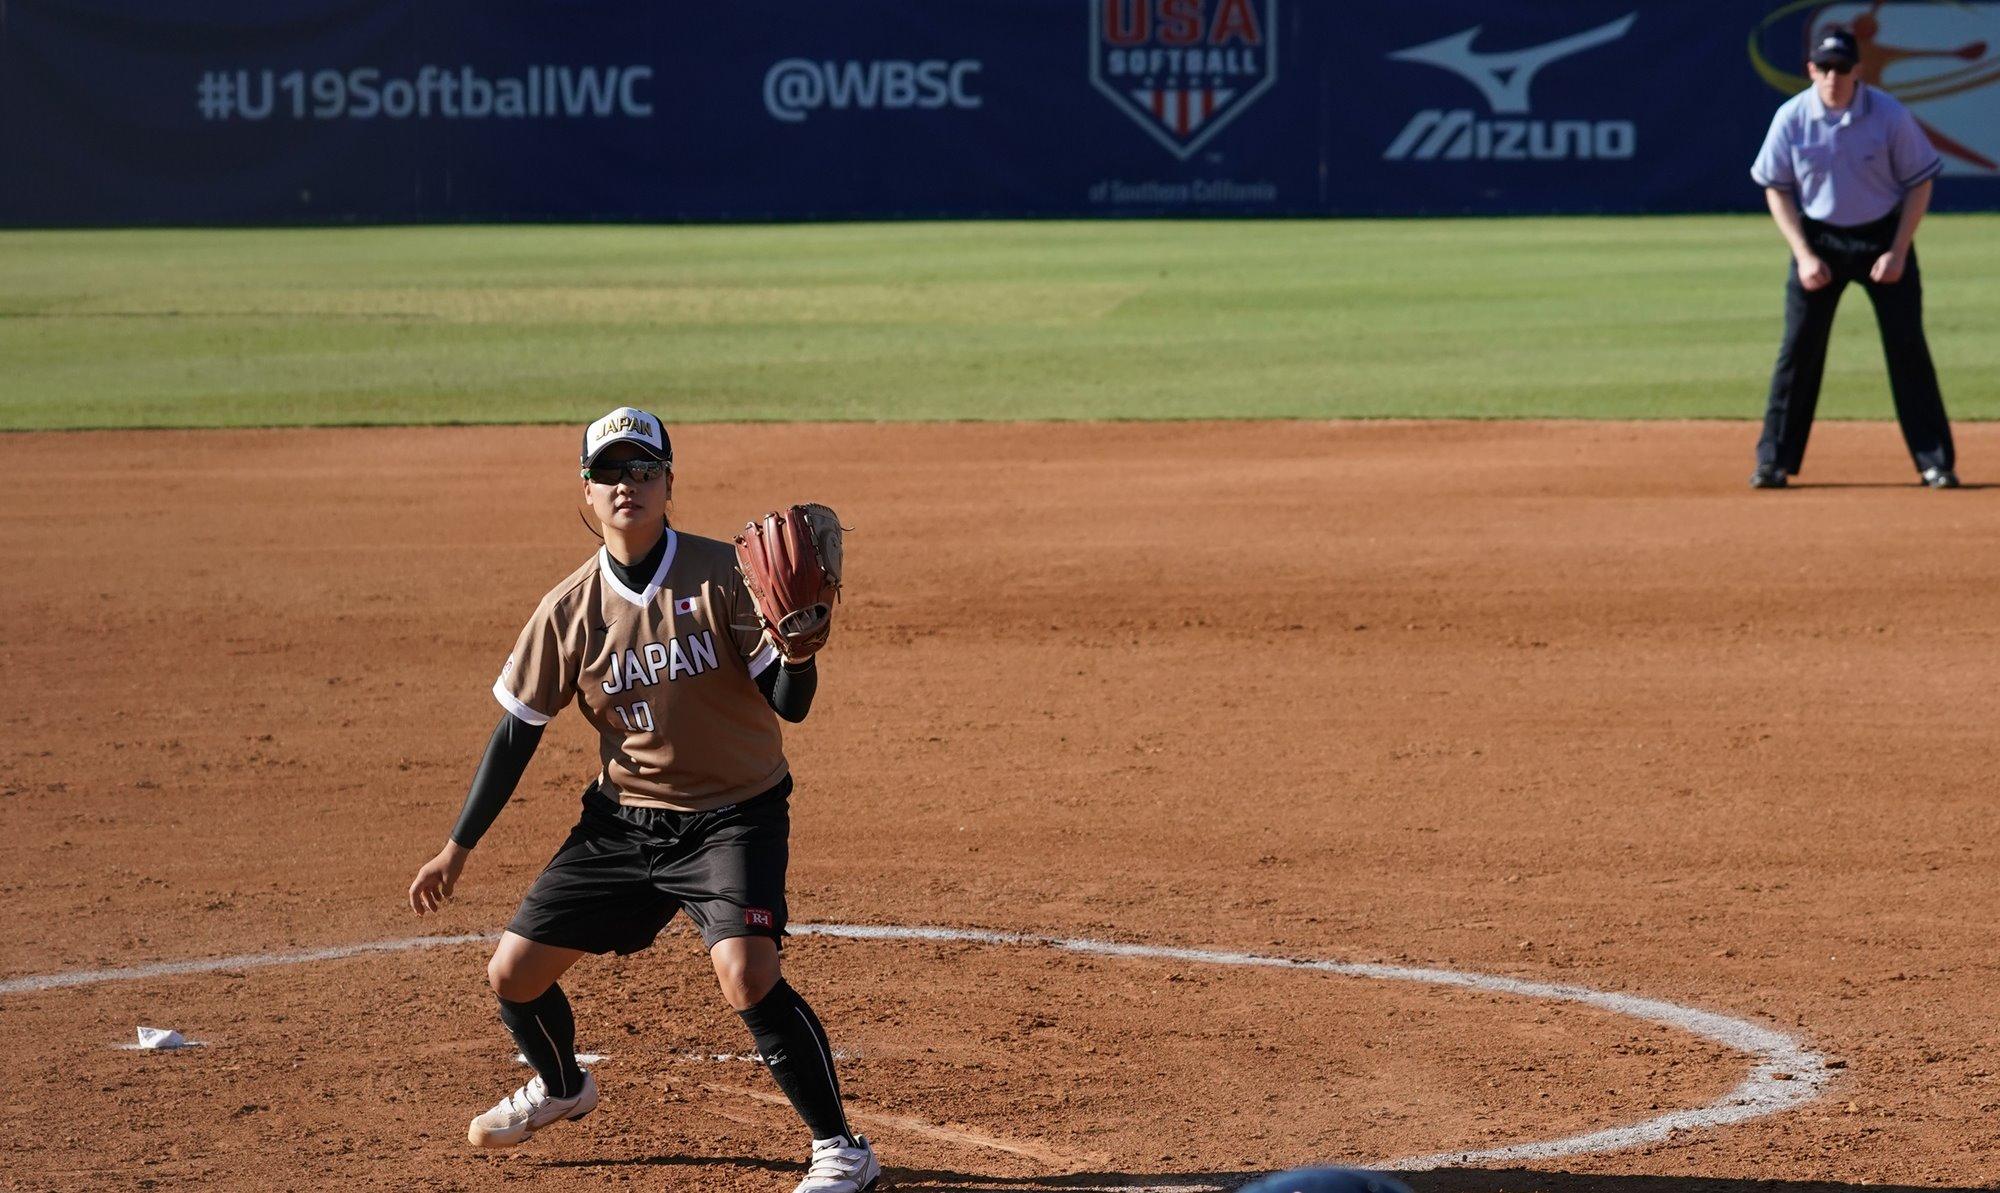 Starting pitcher Mio Sakamoto left Chinese Taipei no chance